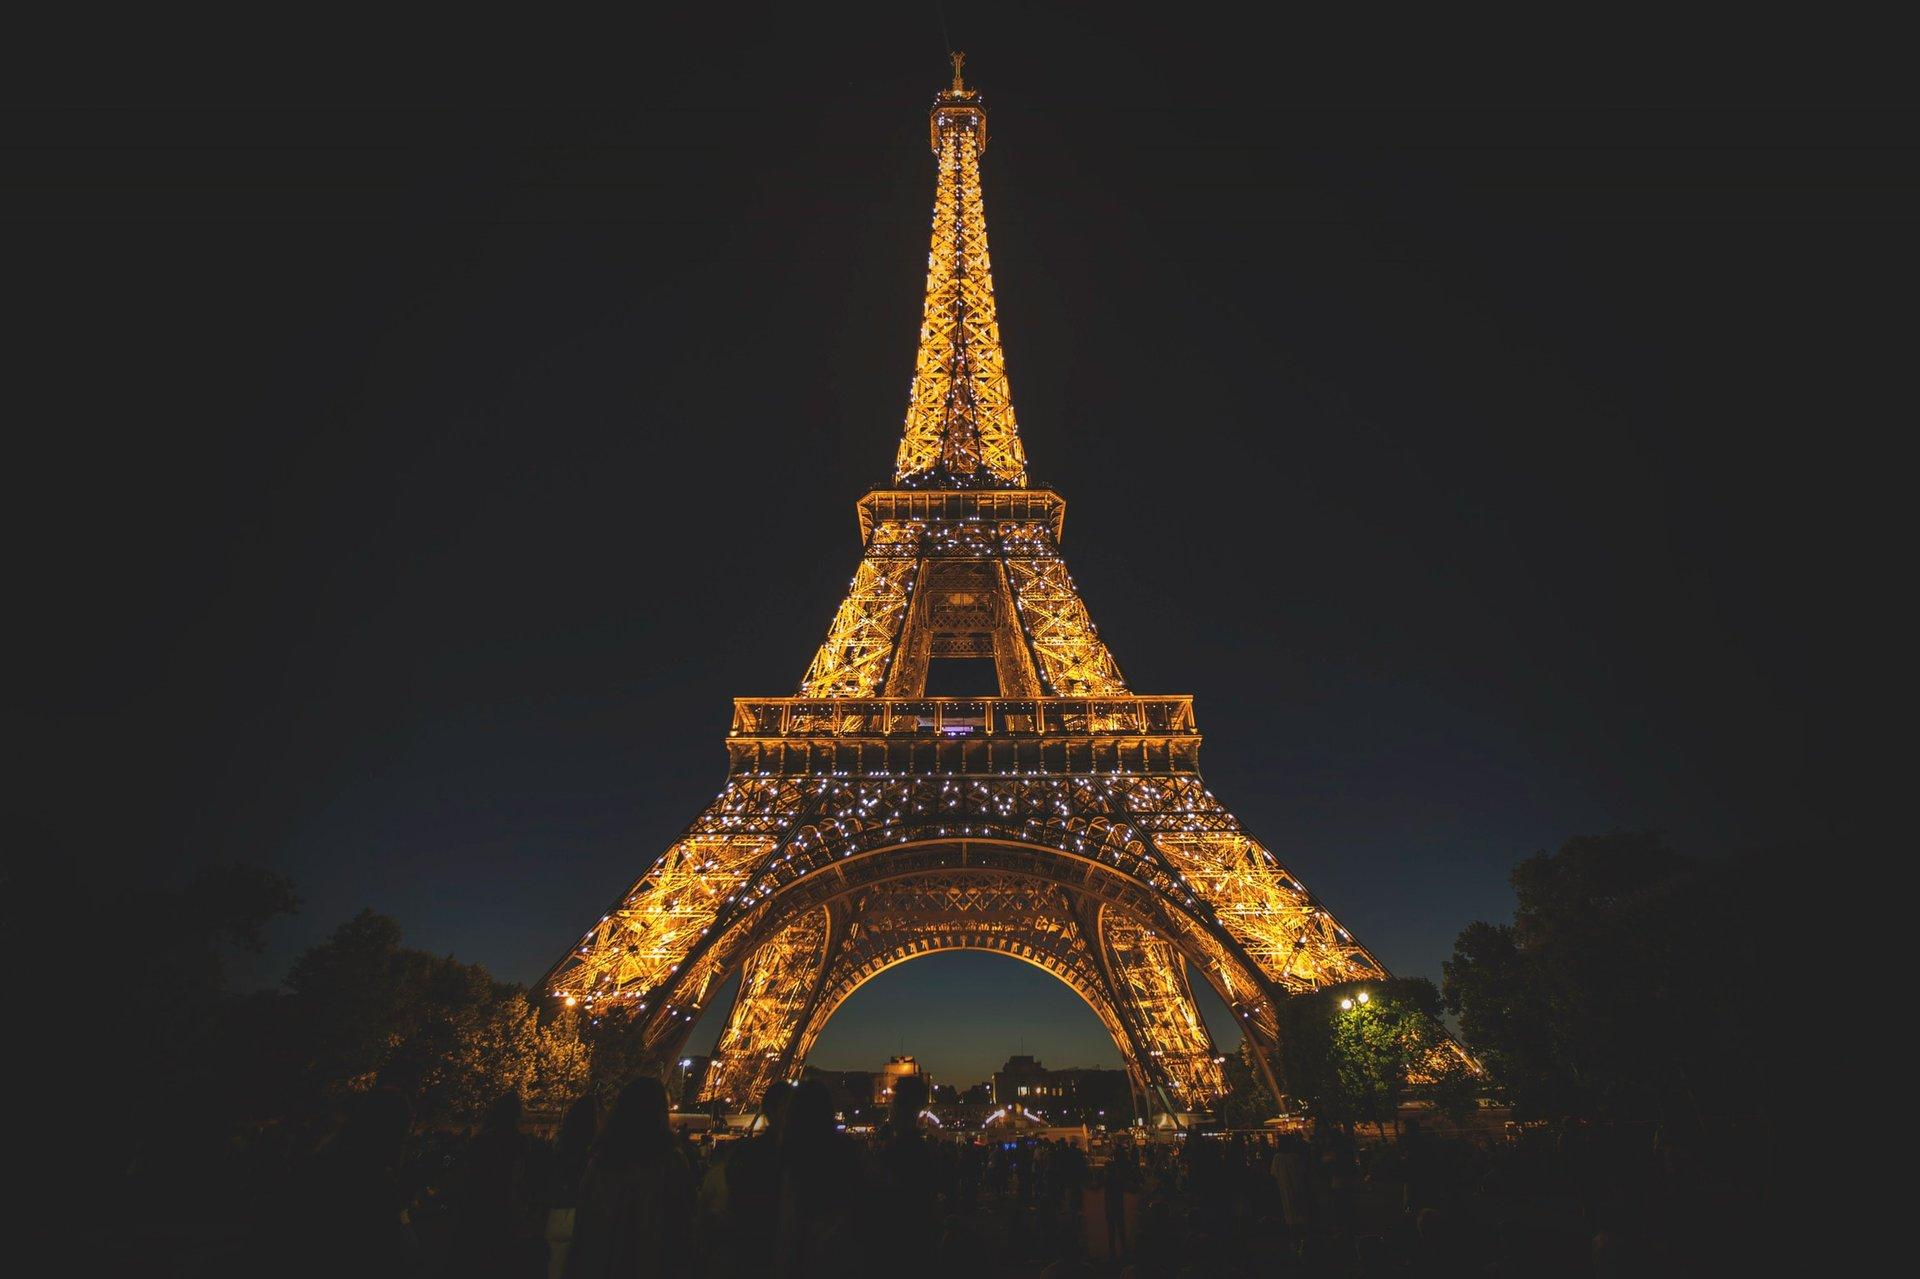 75 days round the world - P3 Paris - Kinh đô ánh sáng  Thumbnail